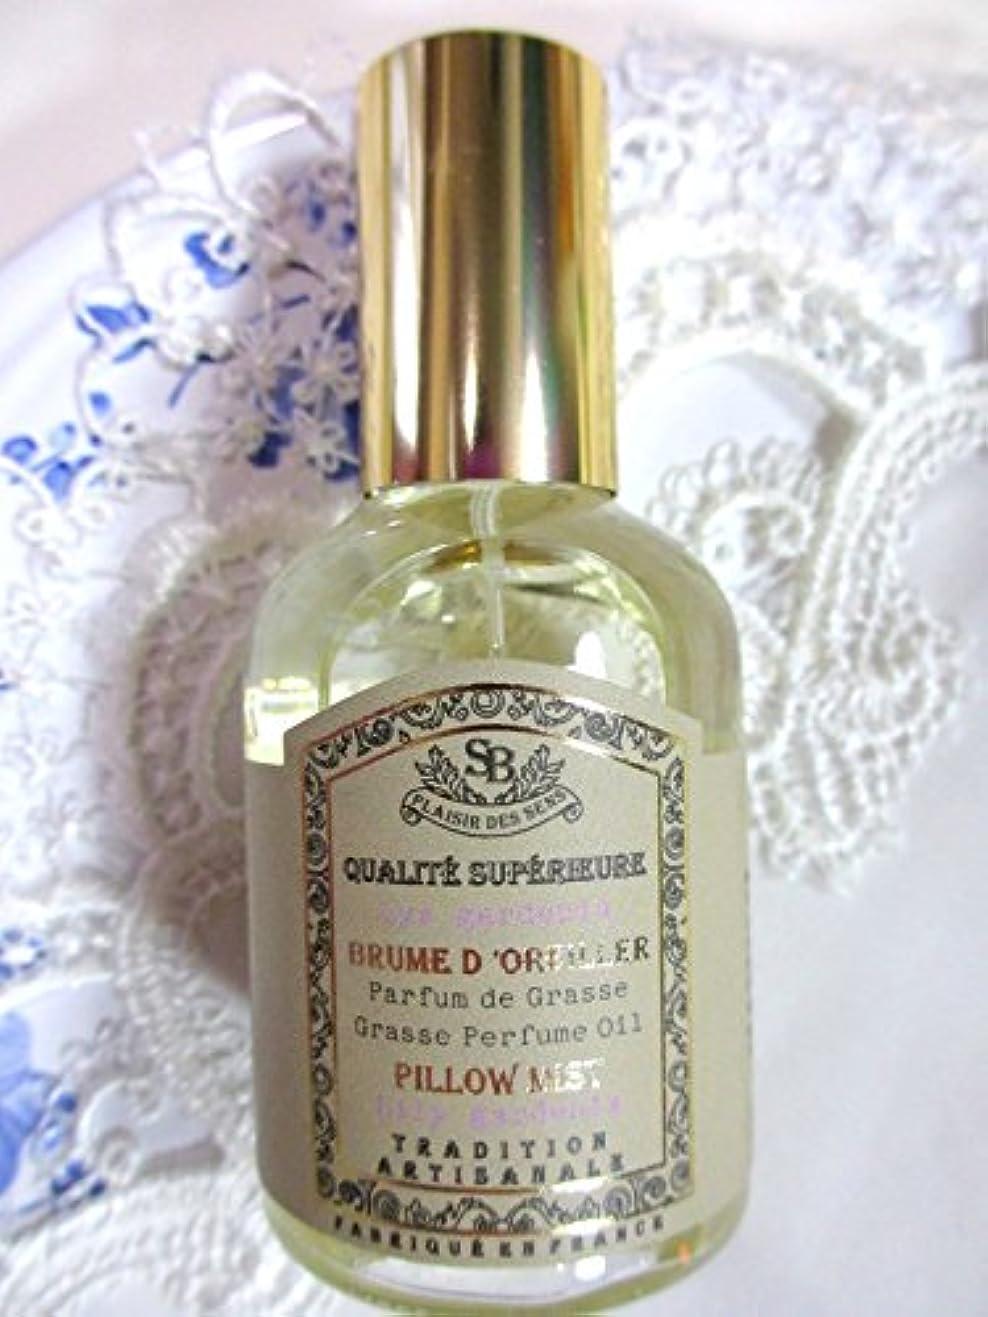 ステーキ勇気のある経由でSenteur et Beaute(サンタールエボーテ) French classic(フレンチクラシックシリーズ) ピローミスト 50ml 「リリーガーデニア」 4994228024367